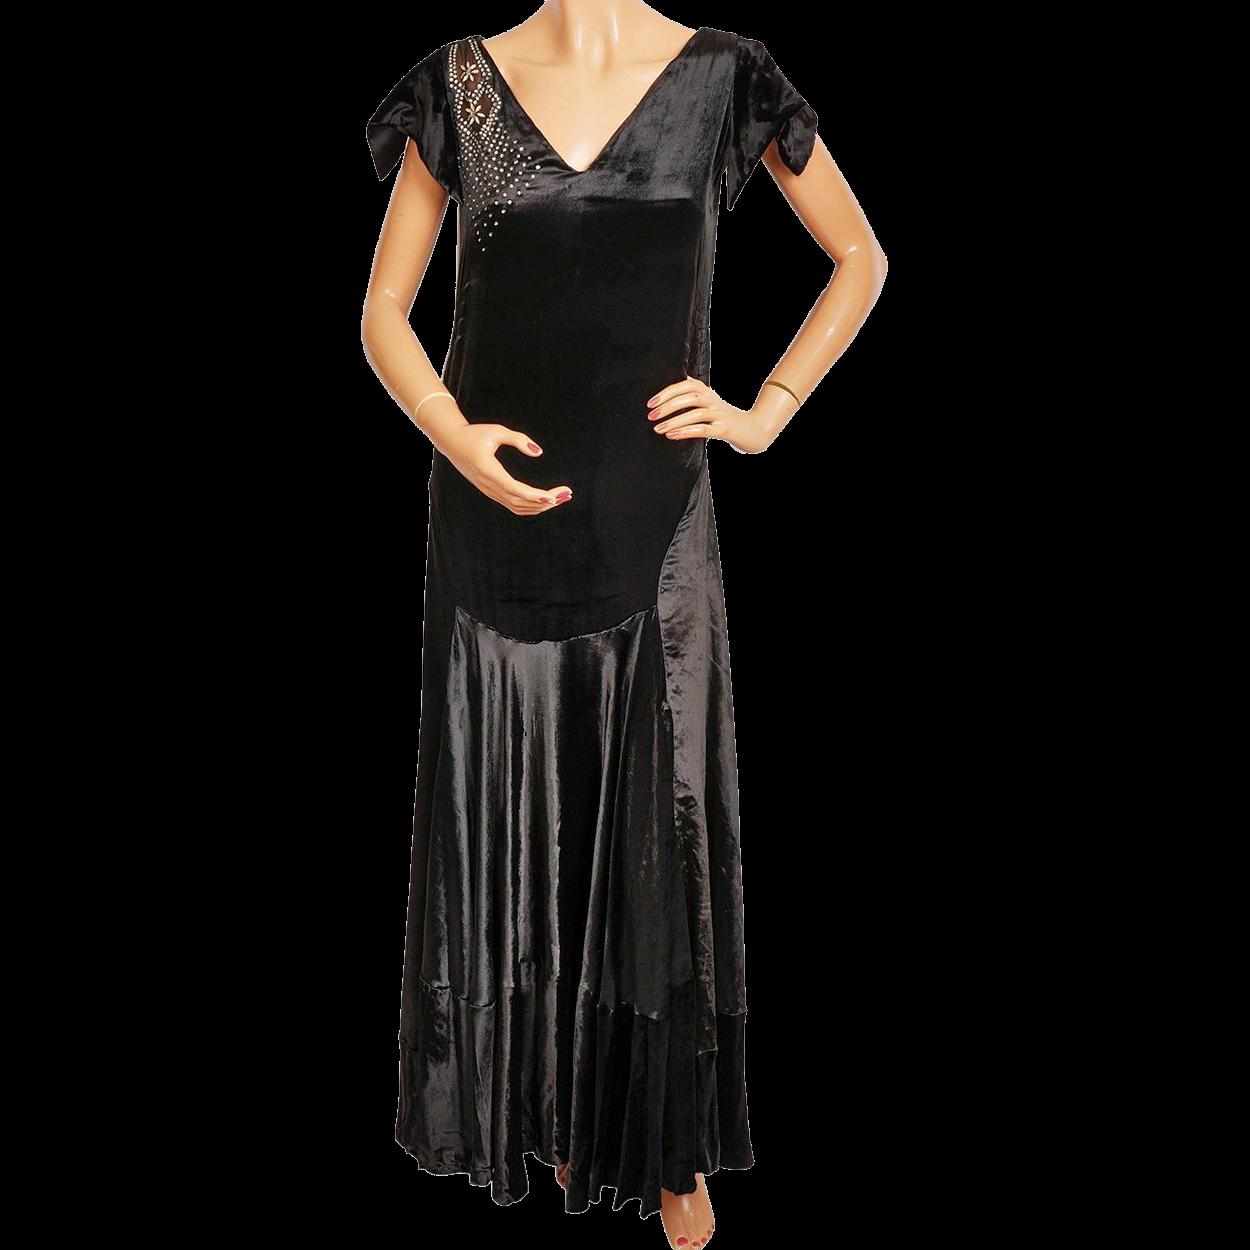 Vintage s black panne velvet evening gown s formal dress size